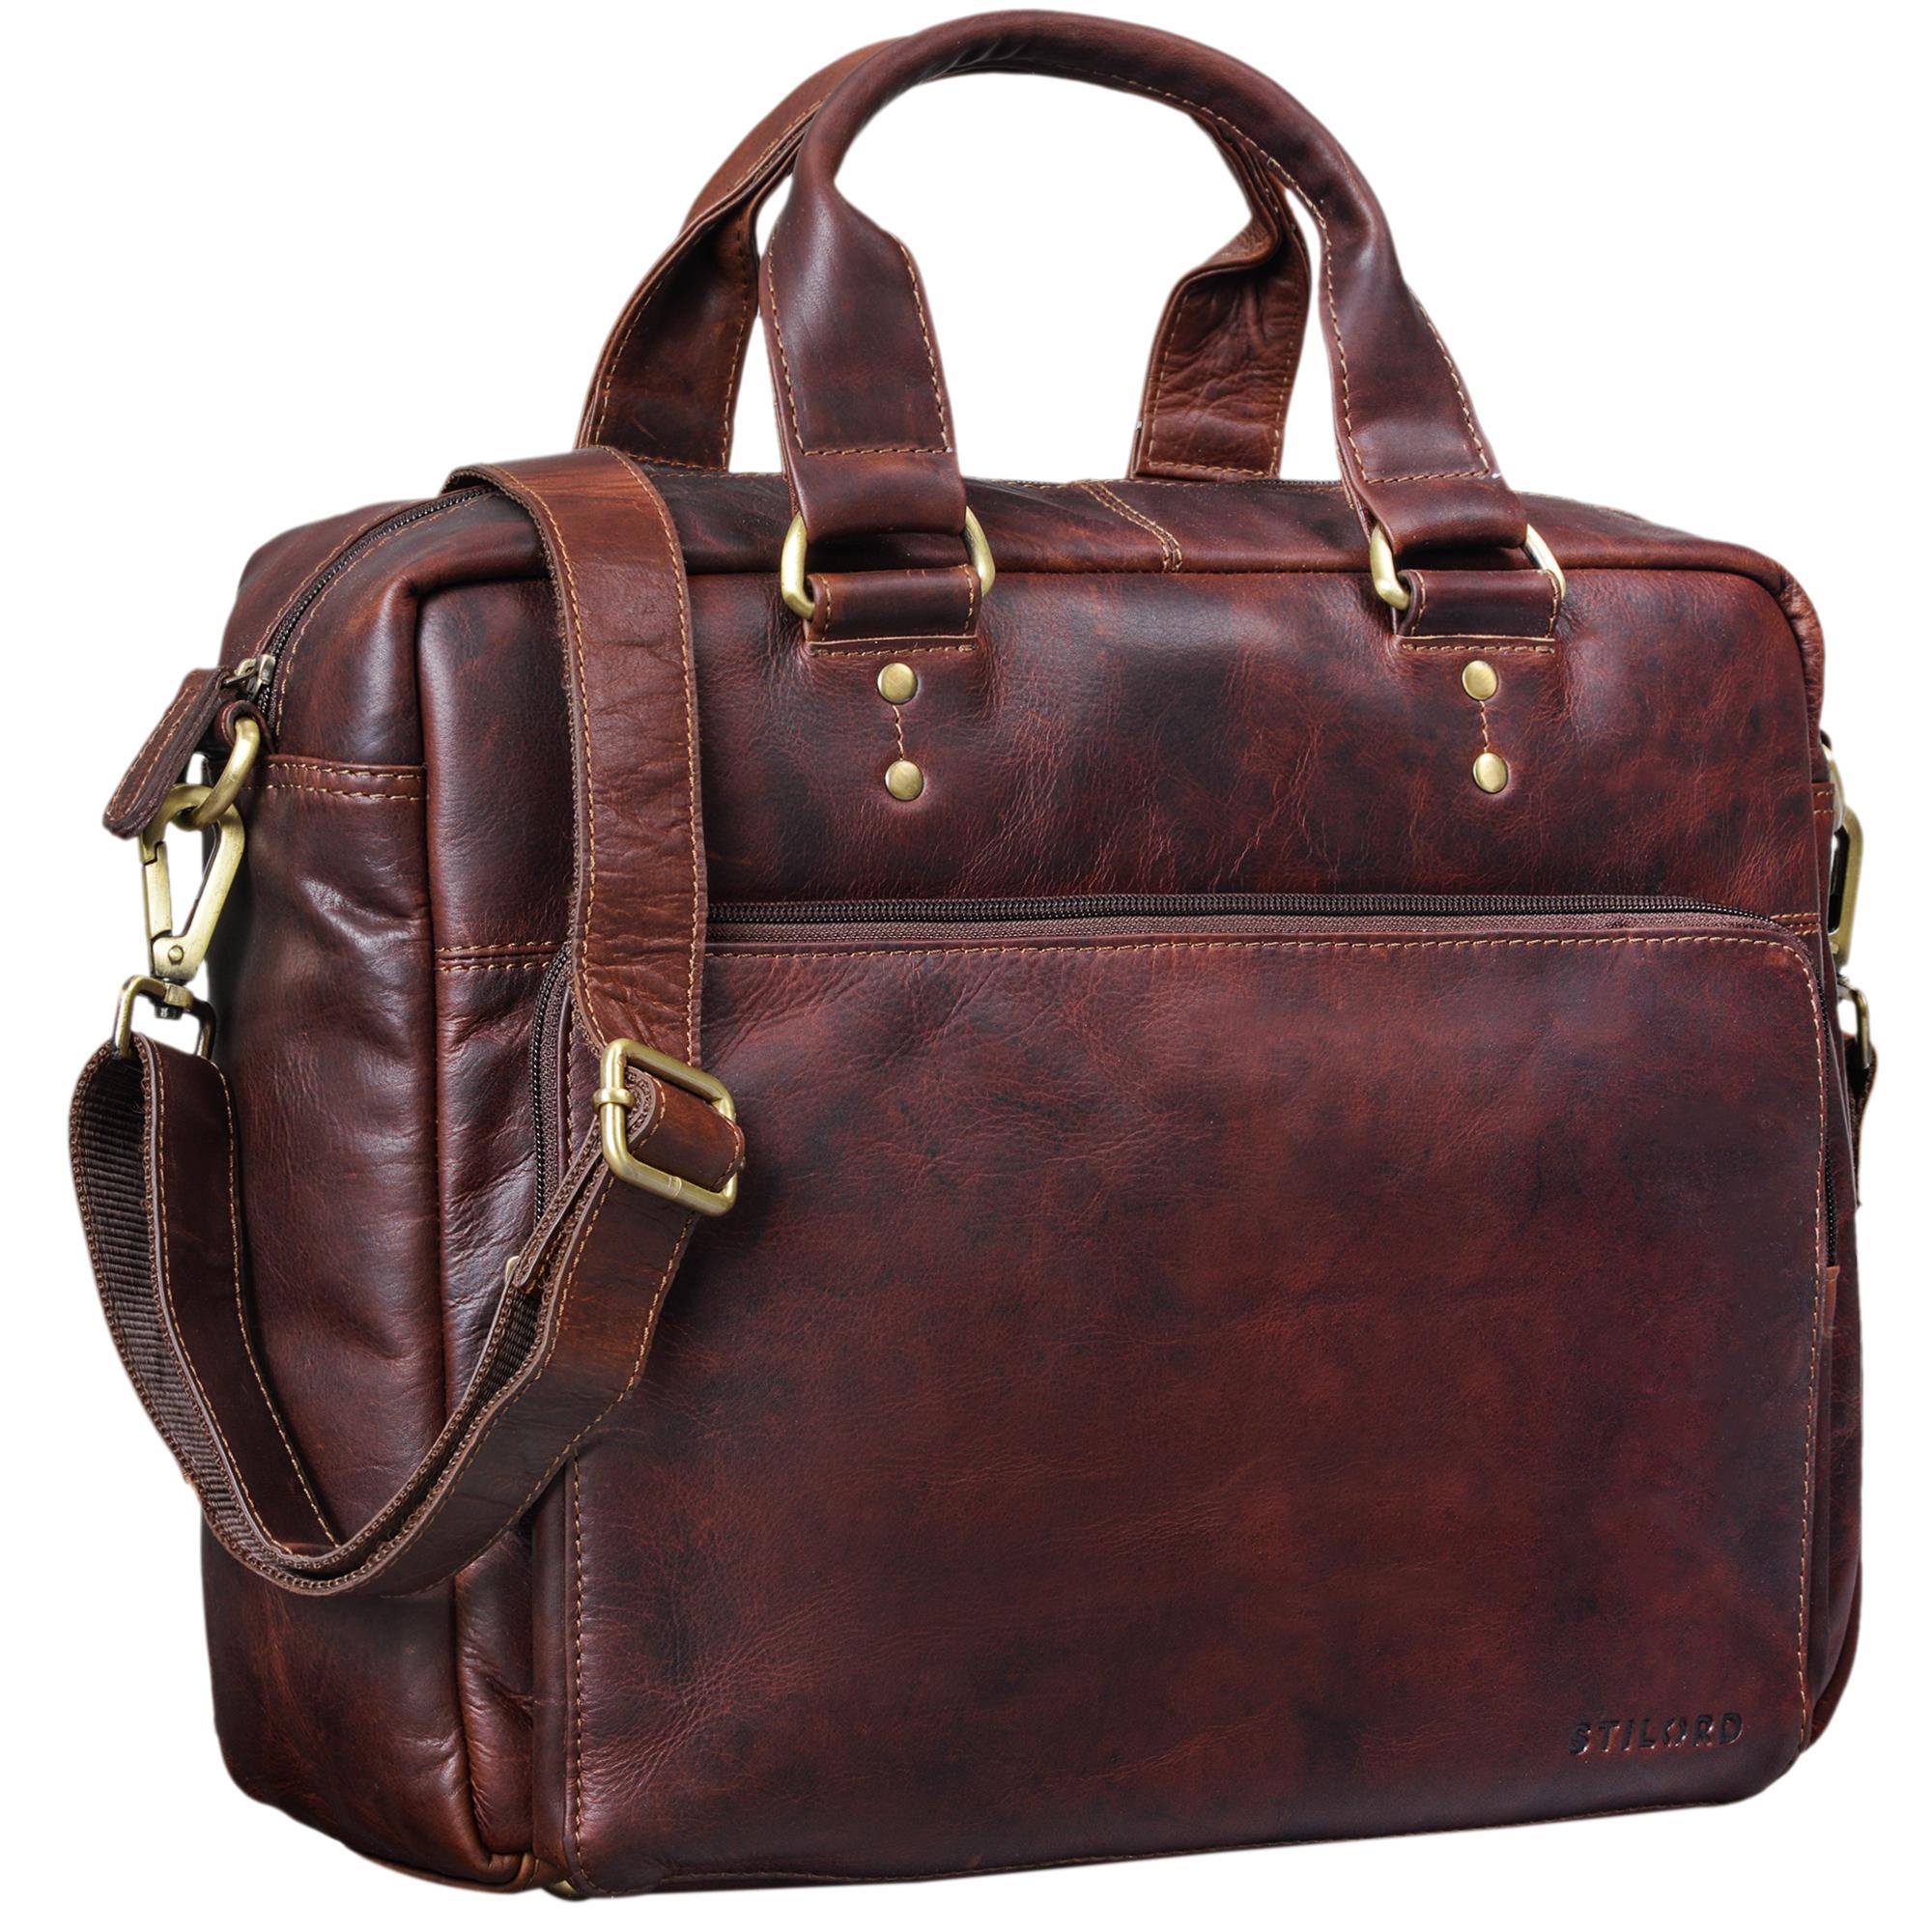 """STILORD """"Jack"""" Ledertasche Aktentasche Herren Vintage Umhängetasche für Büro Business Arbeit 13,3 Zoll Laptoptasche für große DIN A4 Aktenordner echtes Leder - Bild 12"""